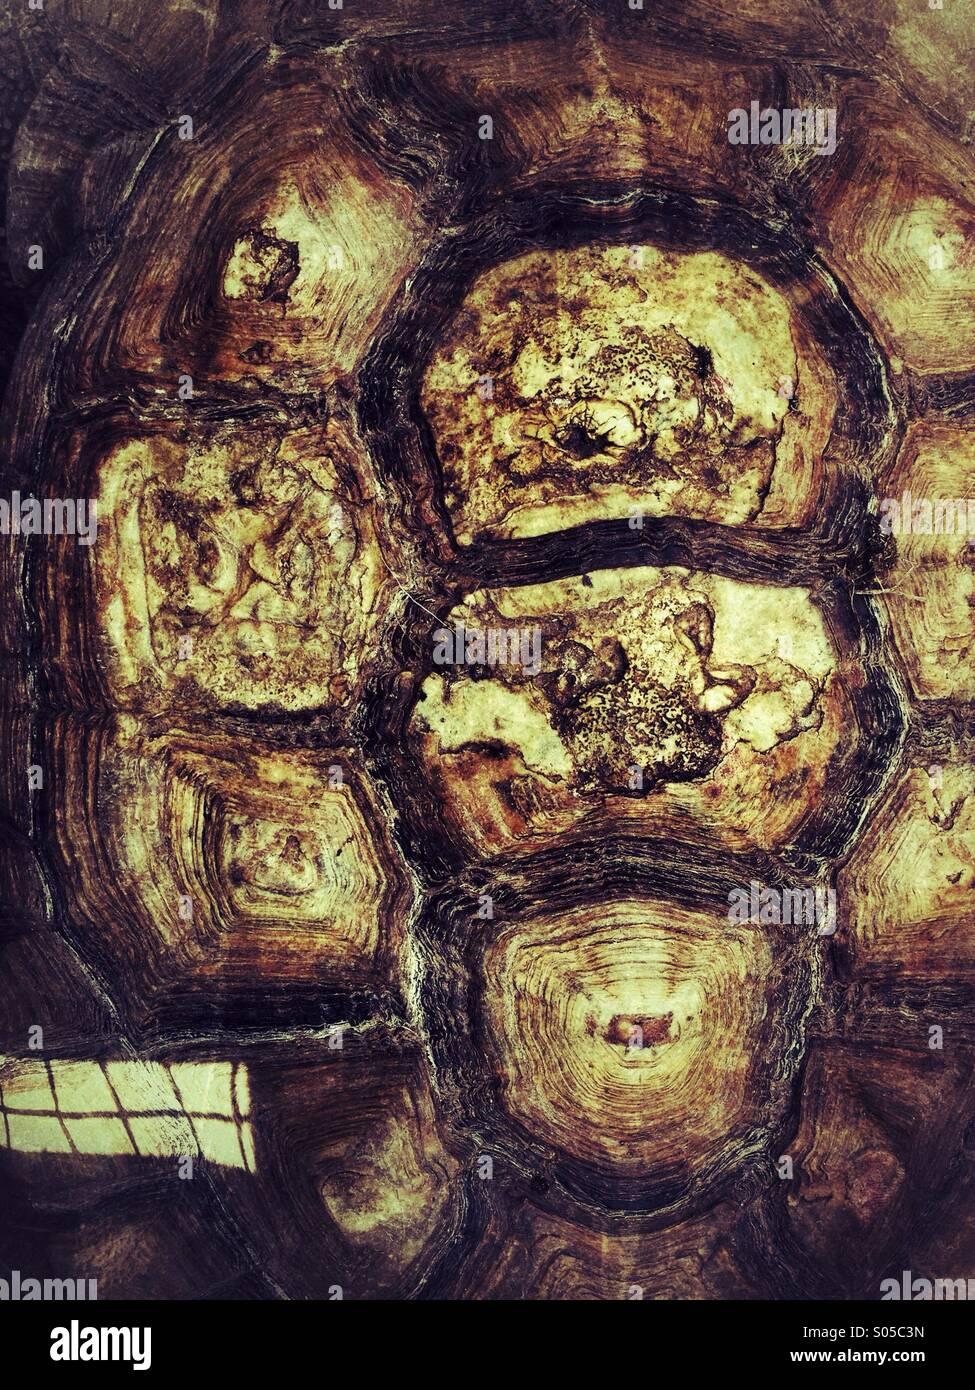 Concha de tortuga Imagen De Stock